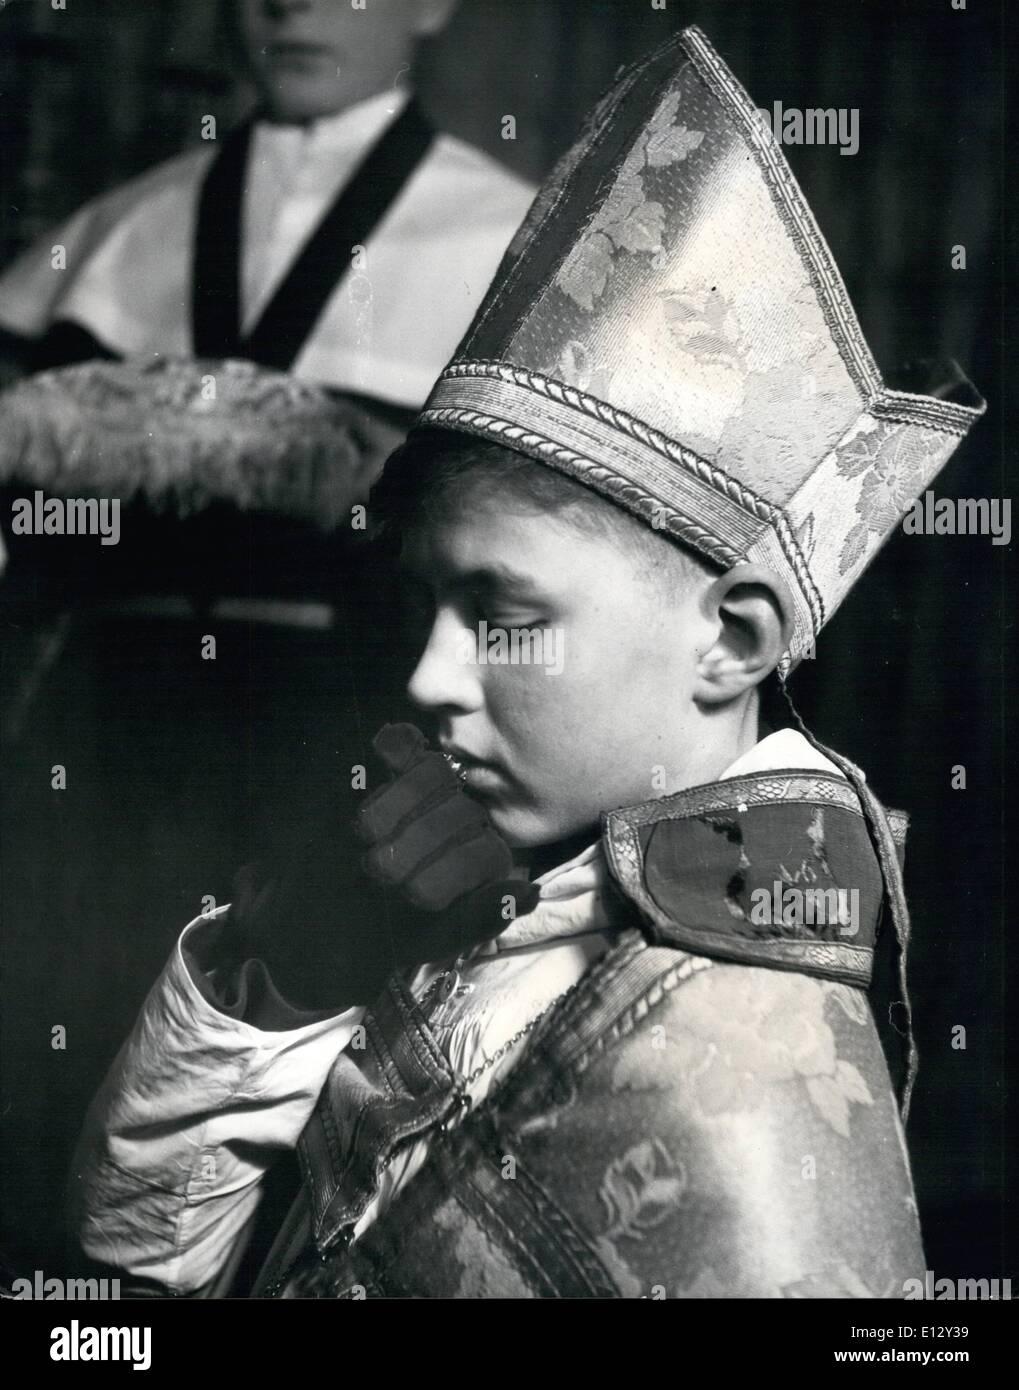 El 26 de febrero de 2012 - La joven obispo Besa el anillo: Timothy Owen-Burke, el niño obispo, besa a su corona después de la ceremonia en la que Imagen De Stock